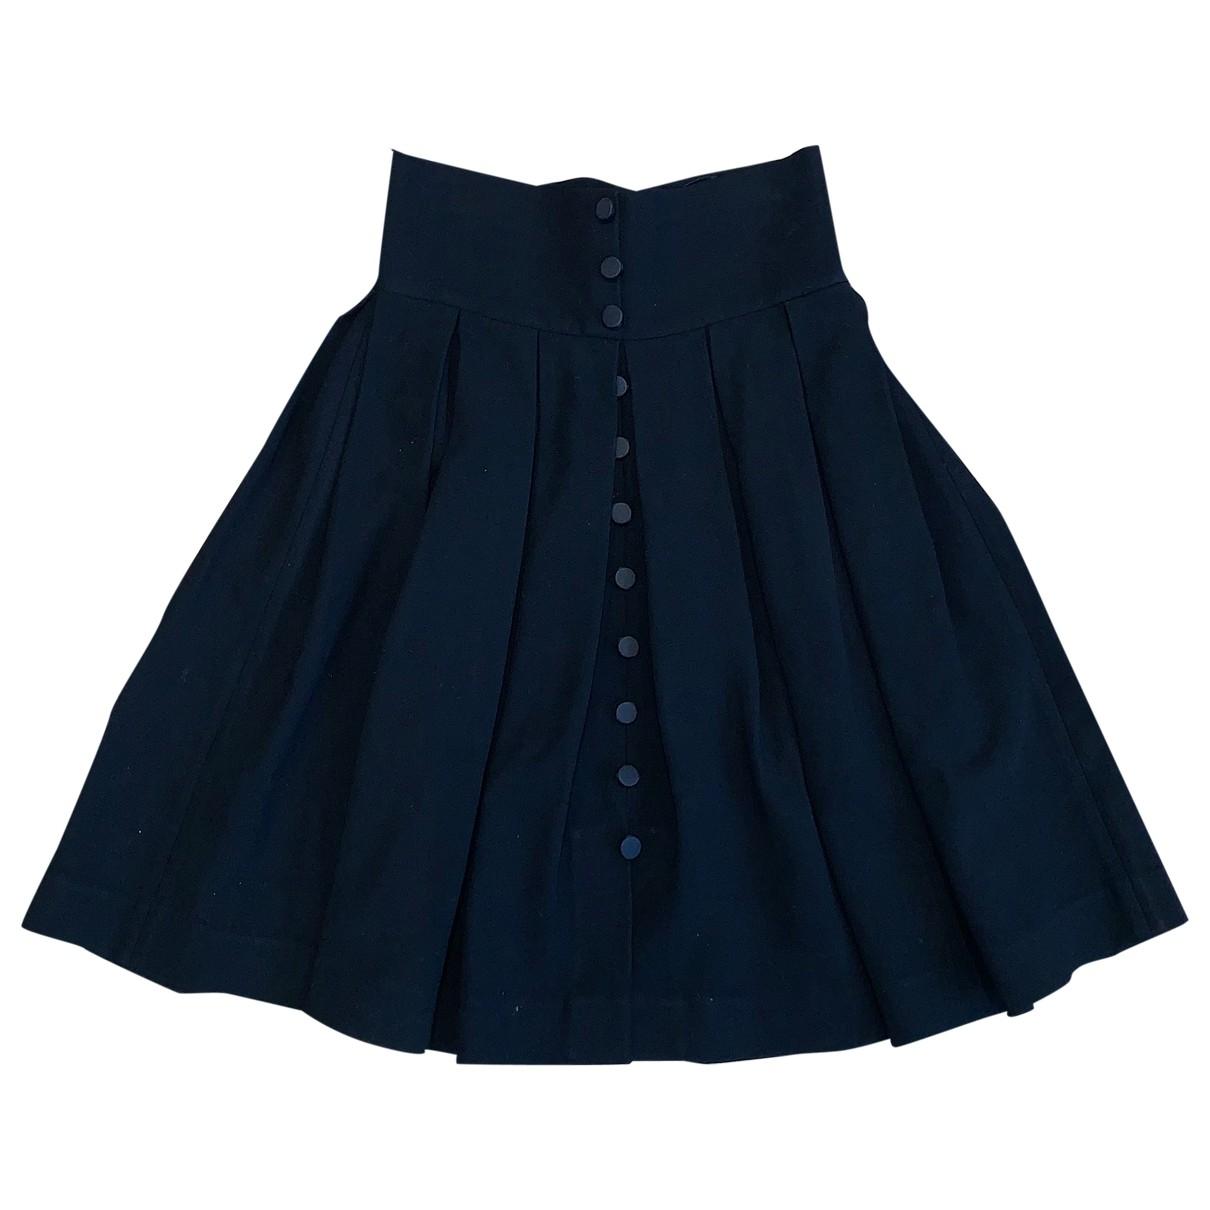 Dolce & Gabbana \N Black skirt for Women 38 IT